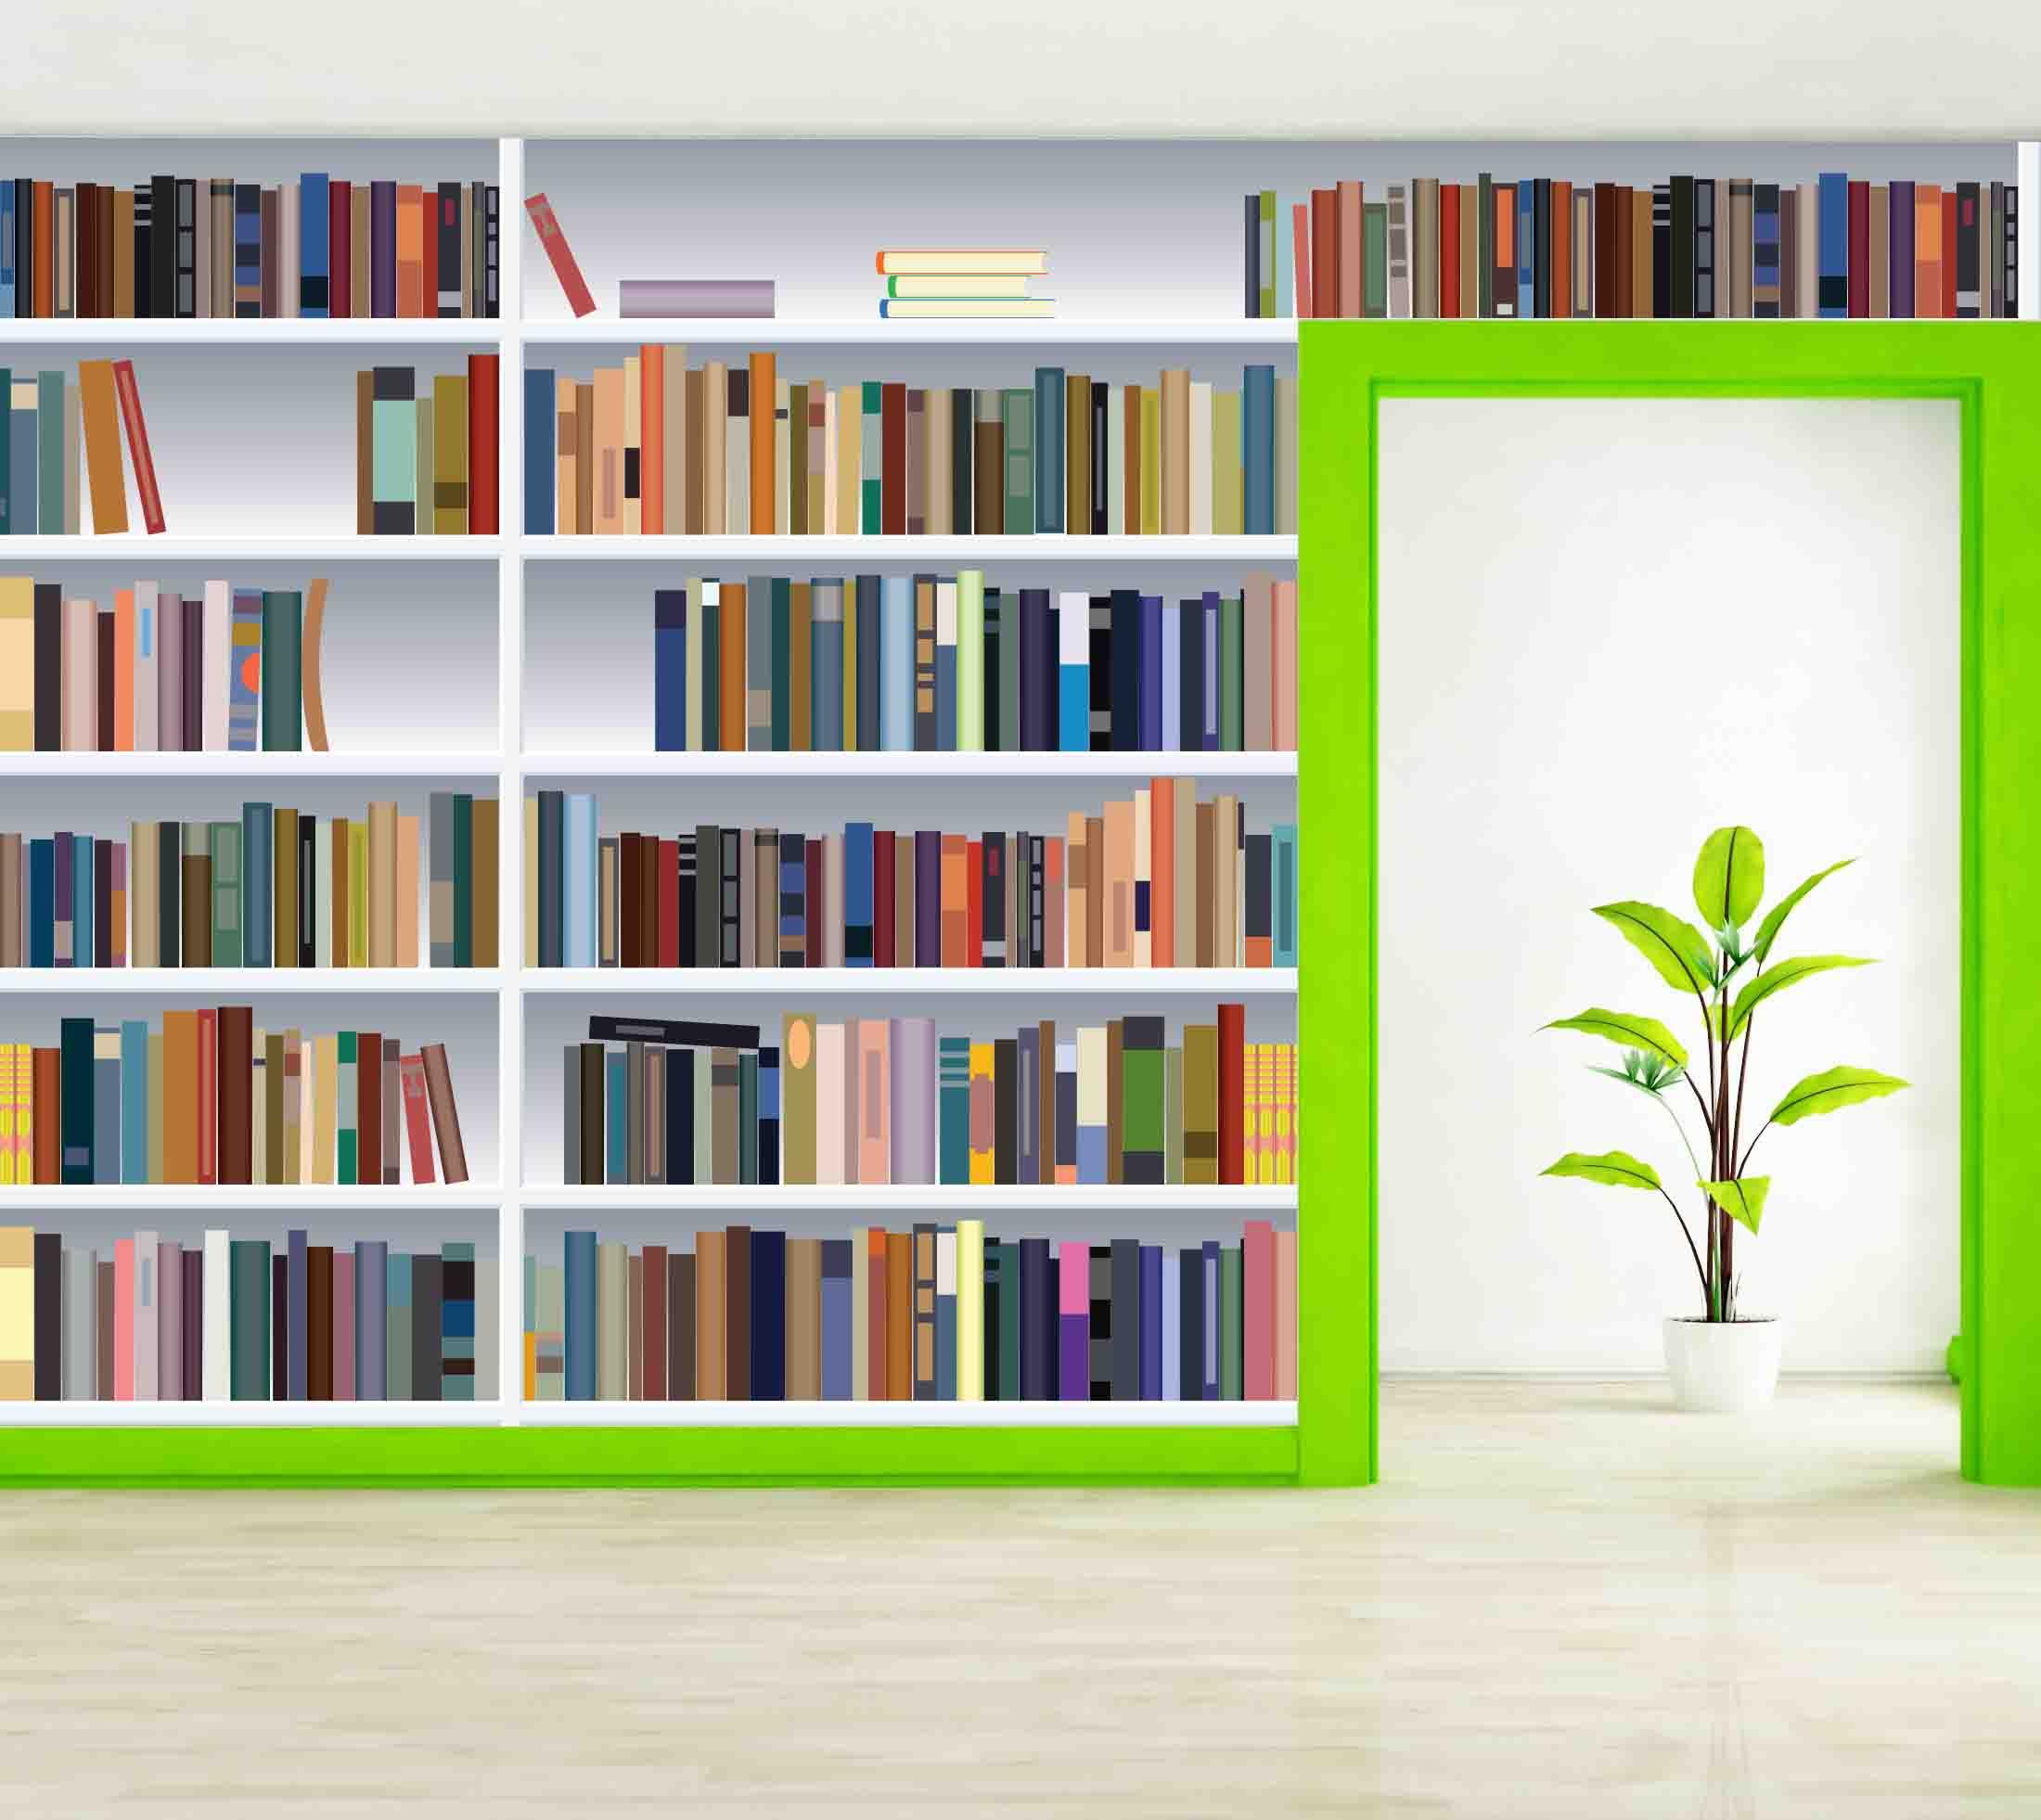 Wallpaper For Bookshelf Wallpapersafari